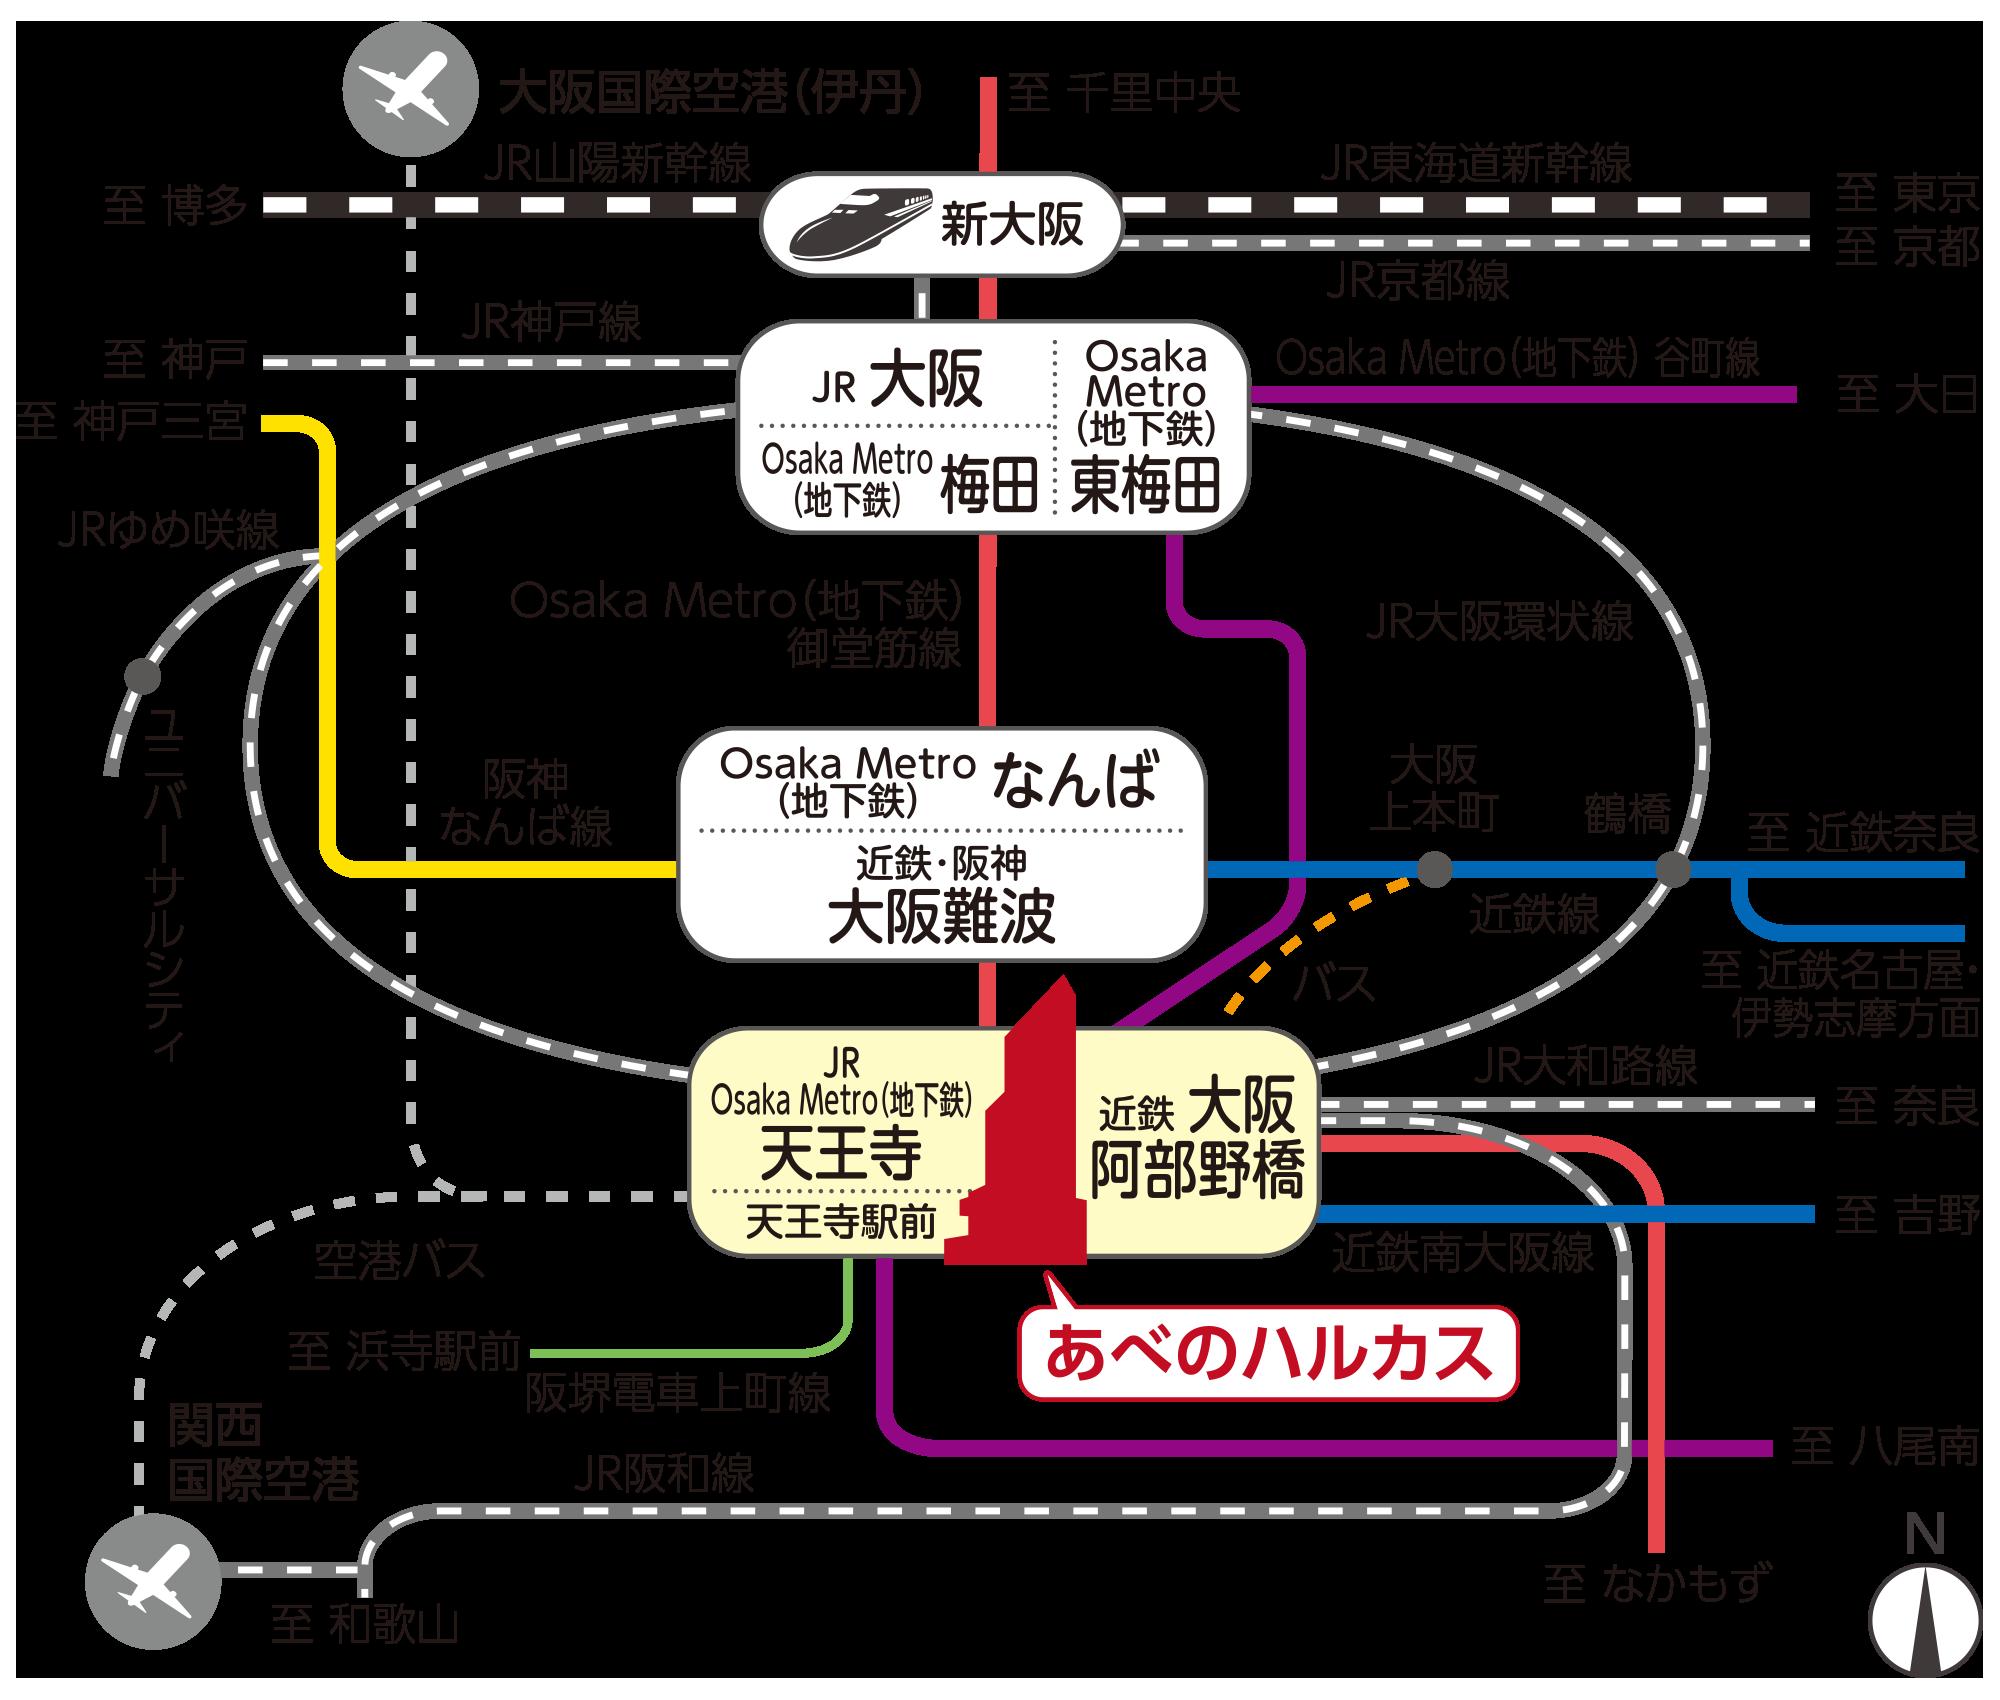 主要交通機関路線図